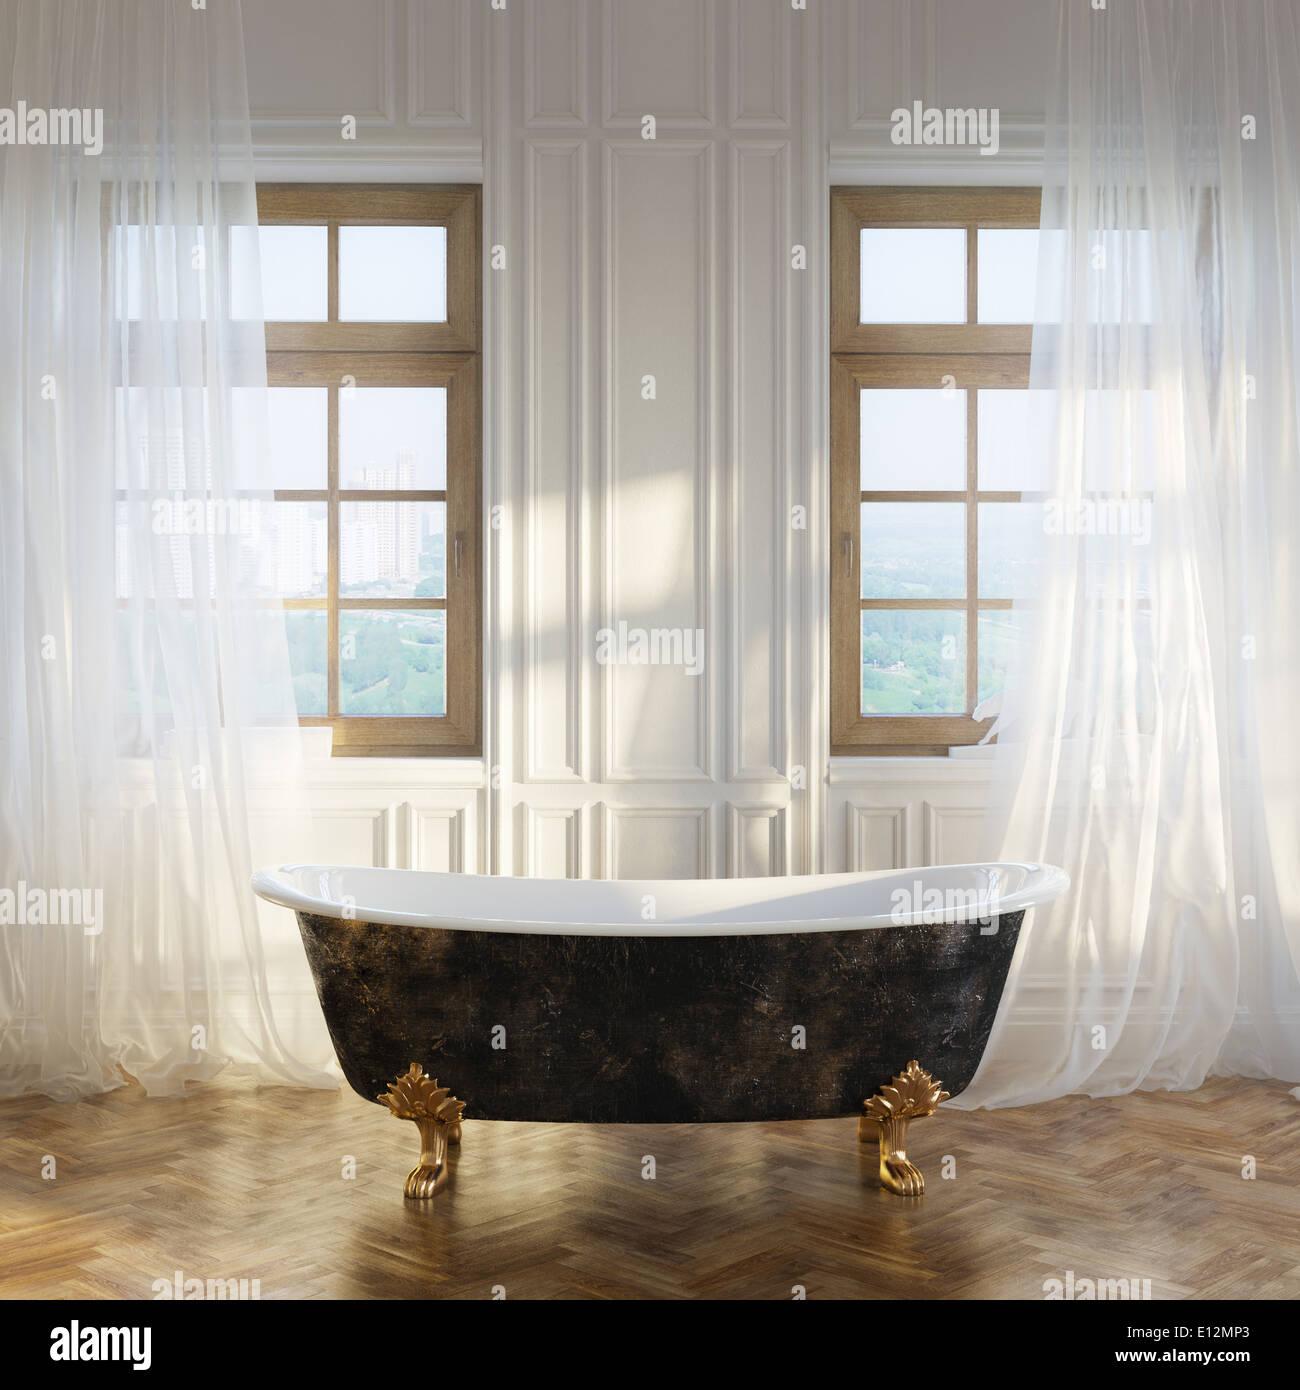 Vasche da bagno di lusso stunning bagno con vasca da bagno di lusso foto gratuite with vasche - Vasche da bagno di lusso ...